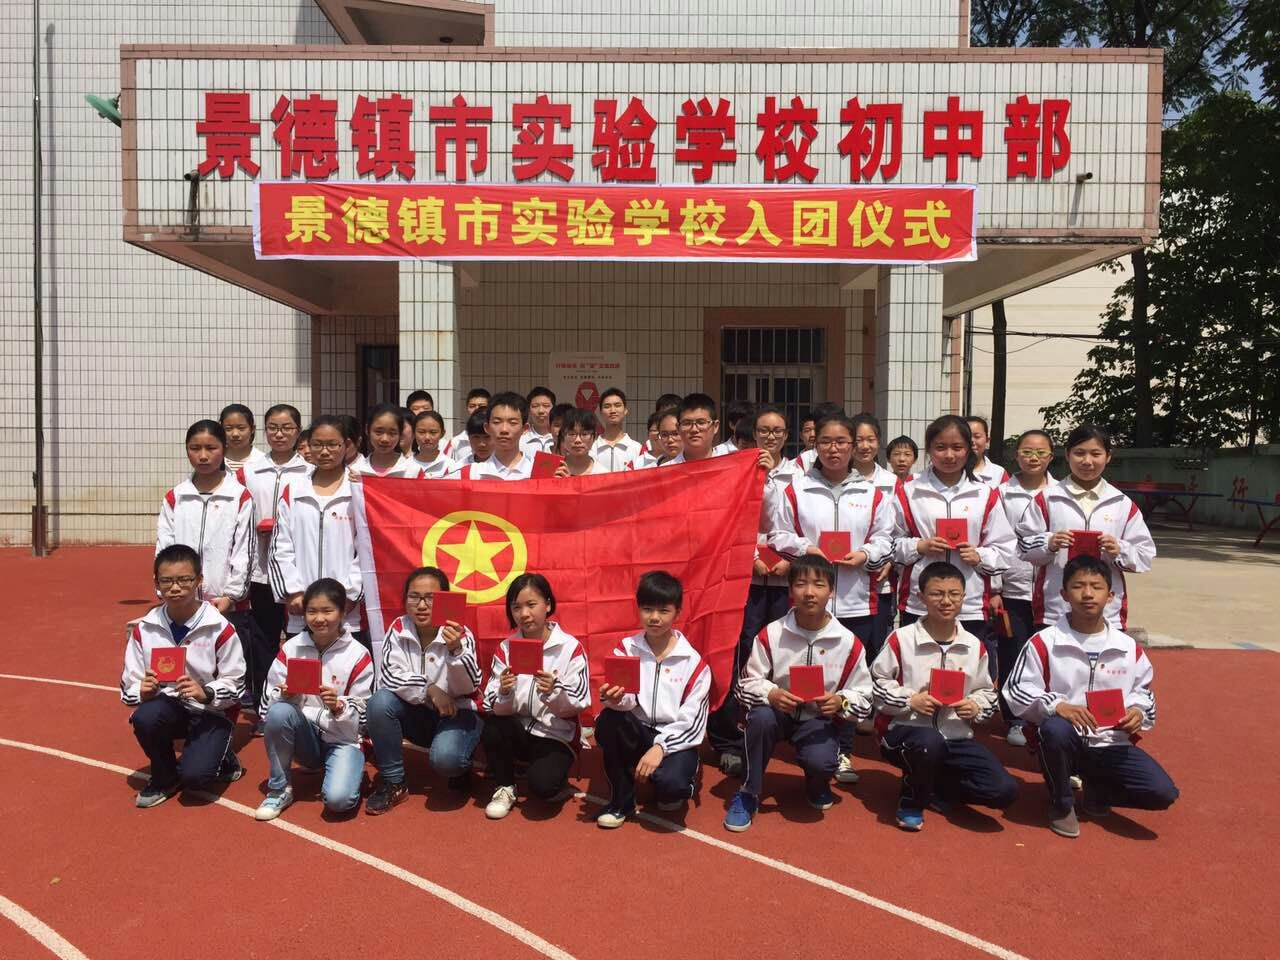 景德镇市实验学校举行新团员入团仪式